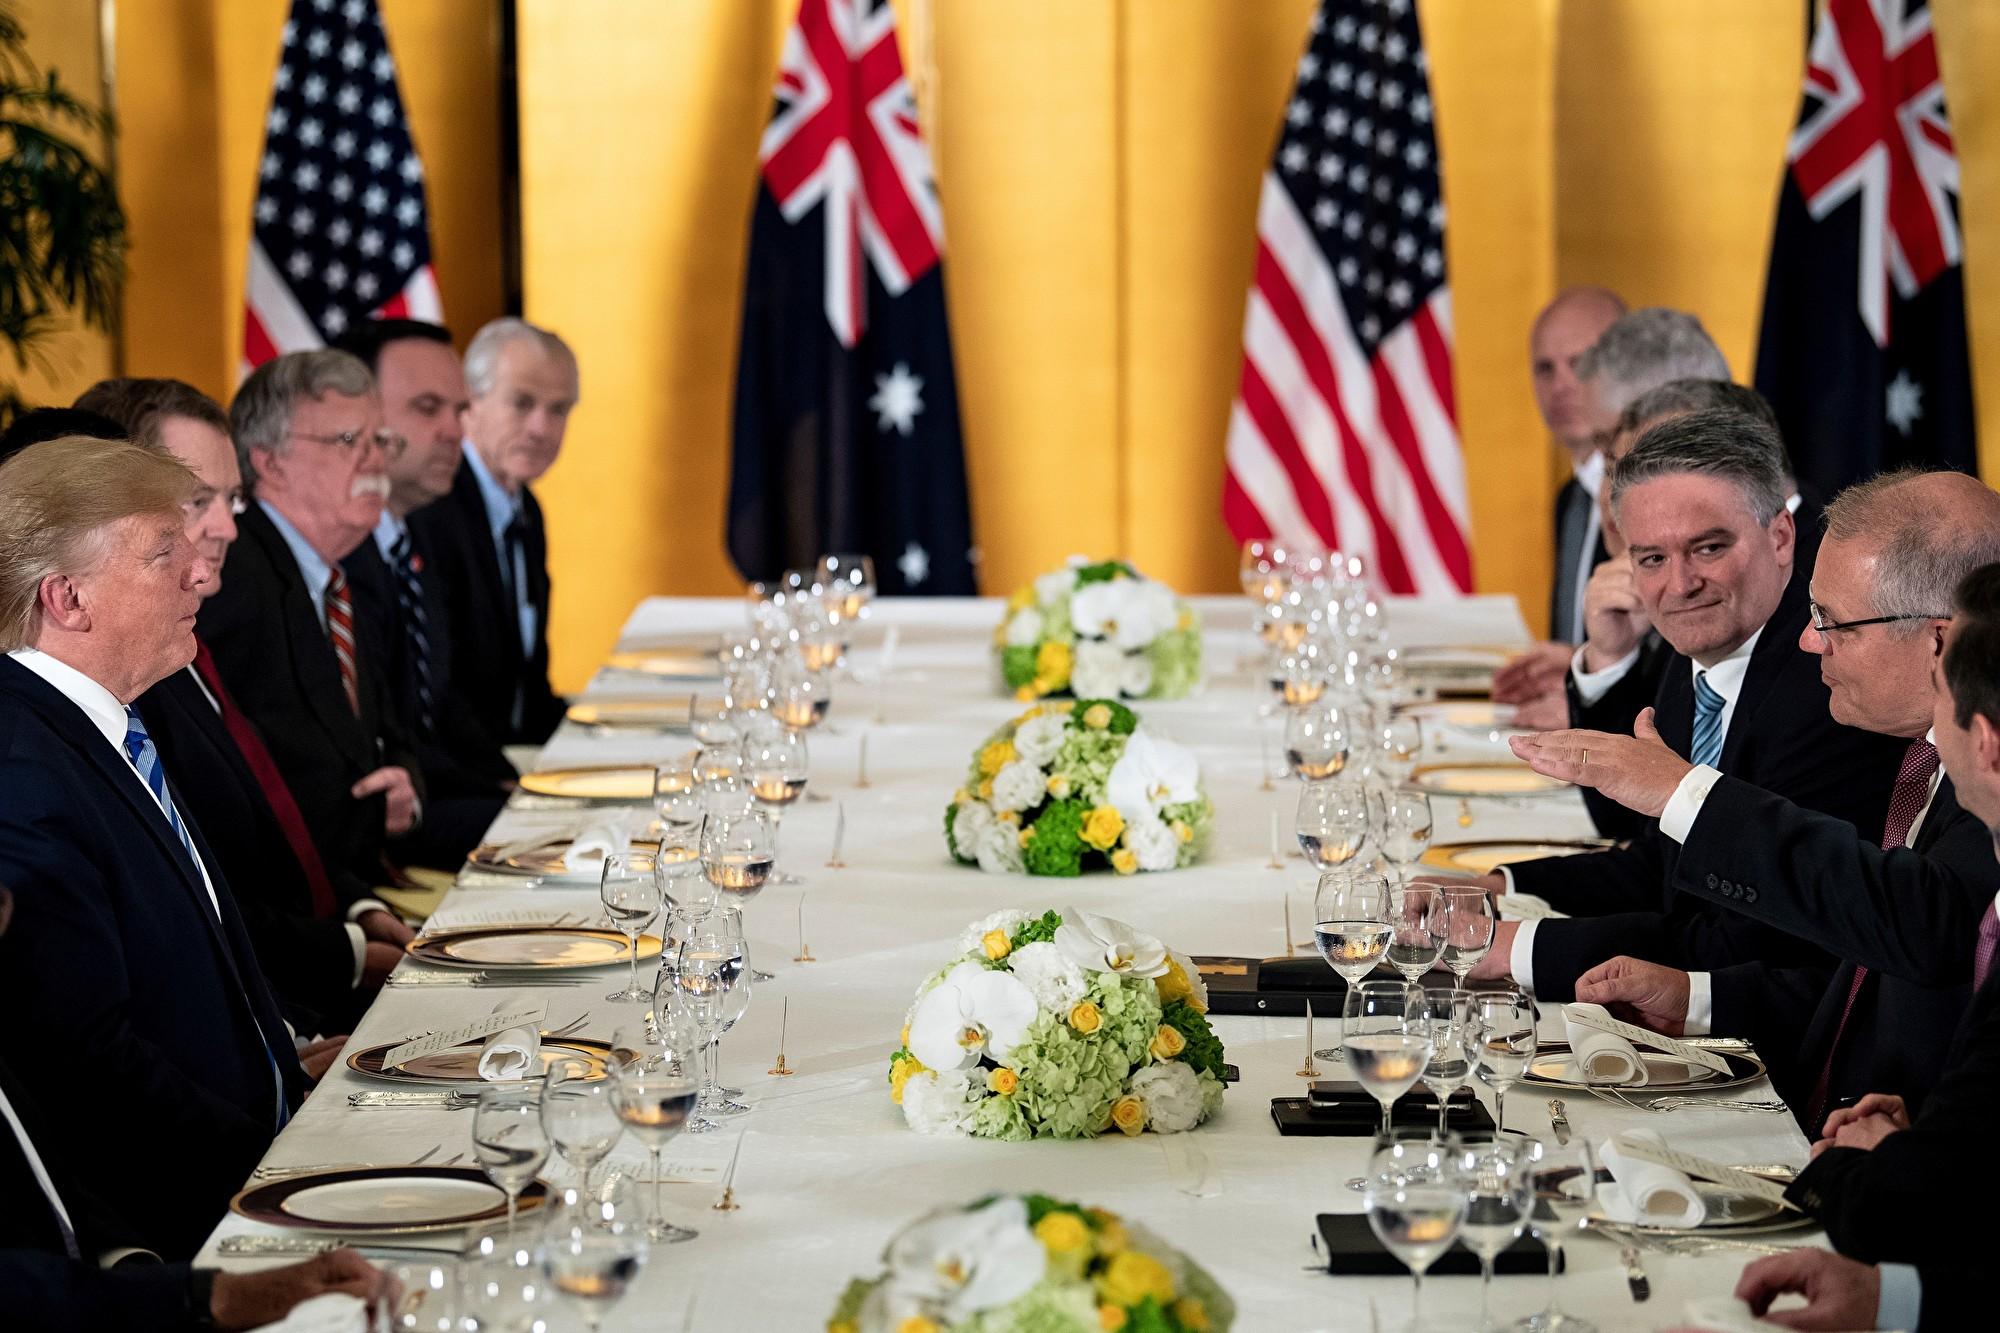 美國總統特朗普周三啟程前往日本參加G20峰會,目前已經抵達日本大阪,並於當地時間周四晚間和澳洲總理斯科特‧莫里森(Scott Morrison)共進晚餐。(Brendan Smialowski/AFP)